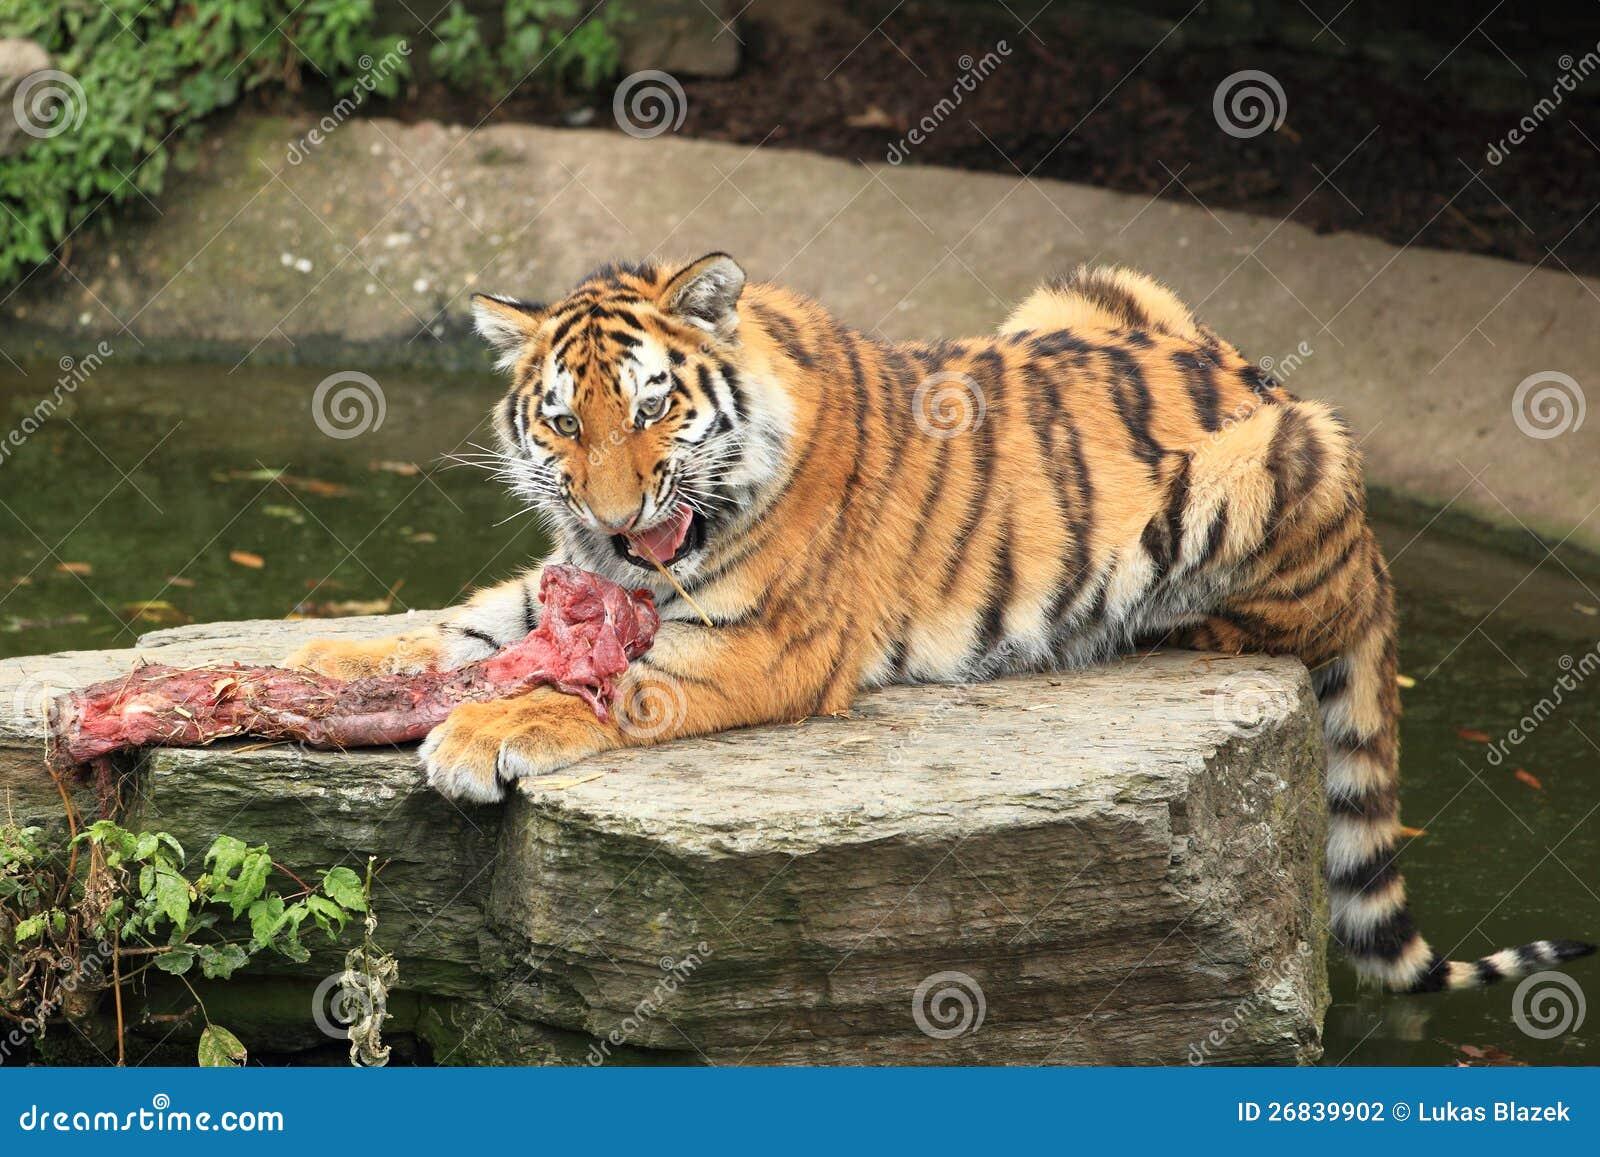 177 El Tigre Siberiano Come Fotos Libres De Derechos Y Gratuitas De Dreamstime